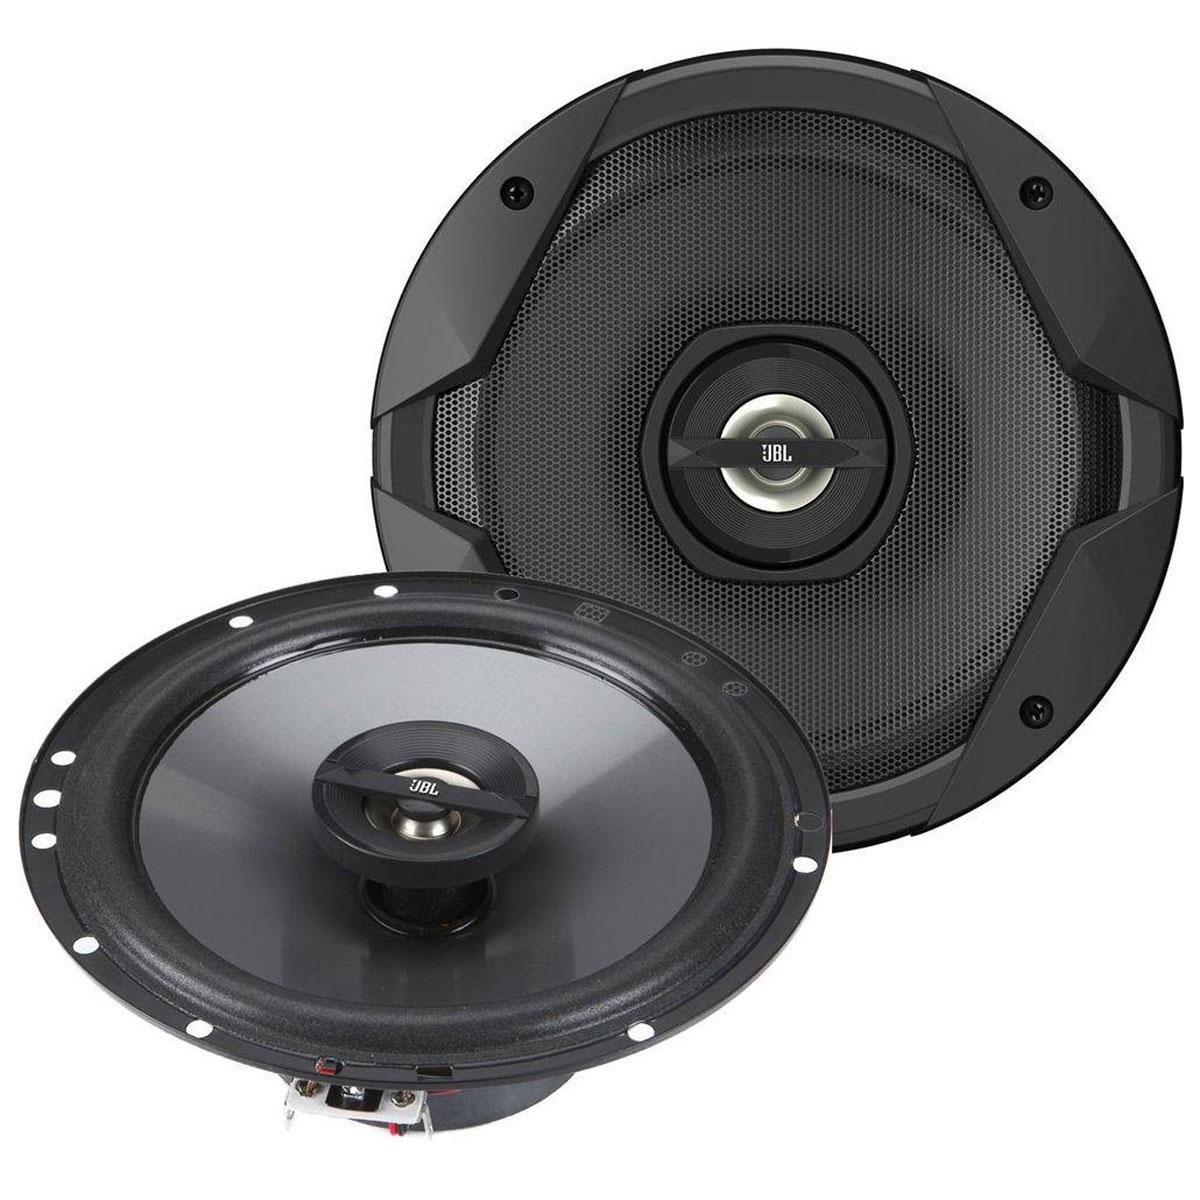 JBL GT7-6 автоакустика коаксиальнаяGT7-6Автомобильные динамики серии JBL GT7 – оптимальный выбор для тех, кто ценит сочетание цены и качества, а также небезразличен к стилю автомобильной акустики. Серия колонок JBL GT7 с легкостью интегрируется на место штатных колонок и проста в установке. Кроме того, каждый комплект динамиков включает оборудование для установки, что делает их монтаж еще более простым. Технология Plus One позволяет увеличить полезную площадь диффузоров на 30%, что благотворно сказывается на СЧ-диапазоне и расширяет басы. Вкупе с расширенным диапазоном частот и индивидуальной настройкой, владелец динамиков JBL GT7 получает акустическое оформление превосходного качества по невысокой цене, имея возможность подстроить звучание, опираясь на собственные предпочтения. А стильный внешний вид колонок излишний раз подчеркнет хороший вкус владельца автомобиля.